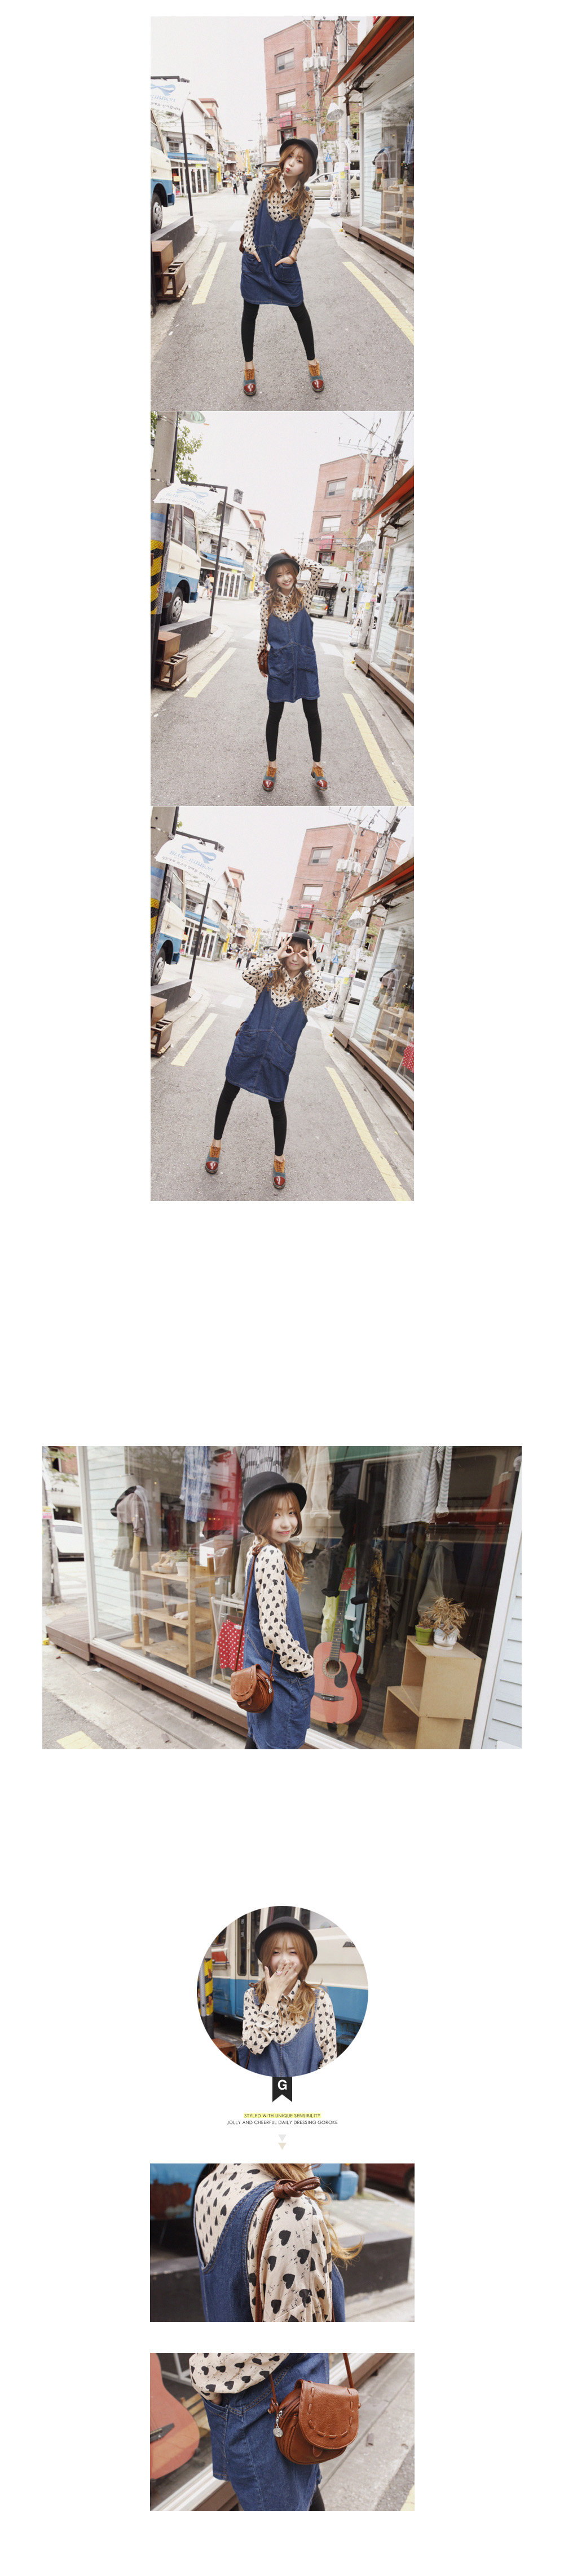 Heart-Patterned Tab-Sleeve Blouse, Beige , One Size - GOROKE | YESSTYLE Hong Kong